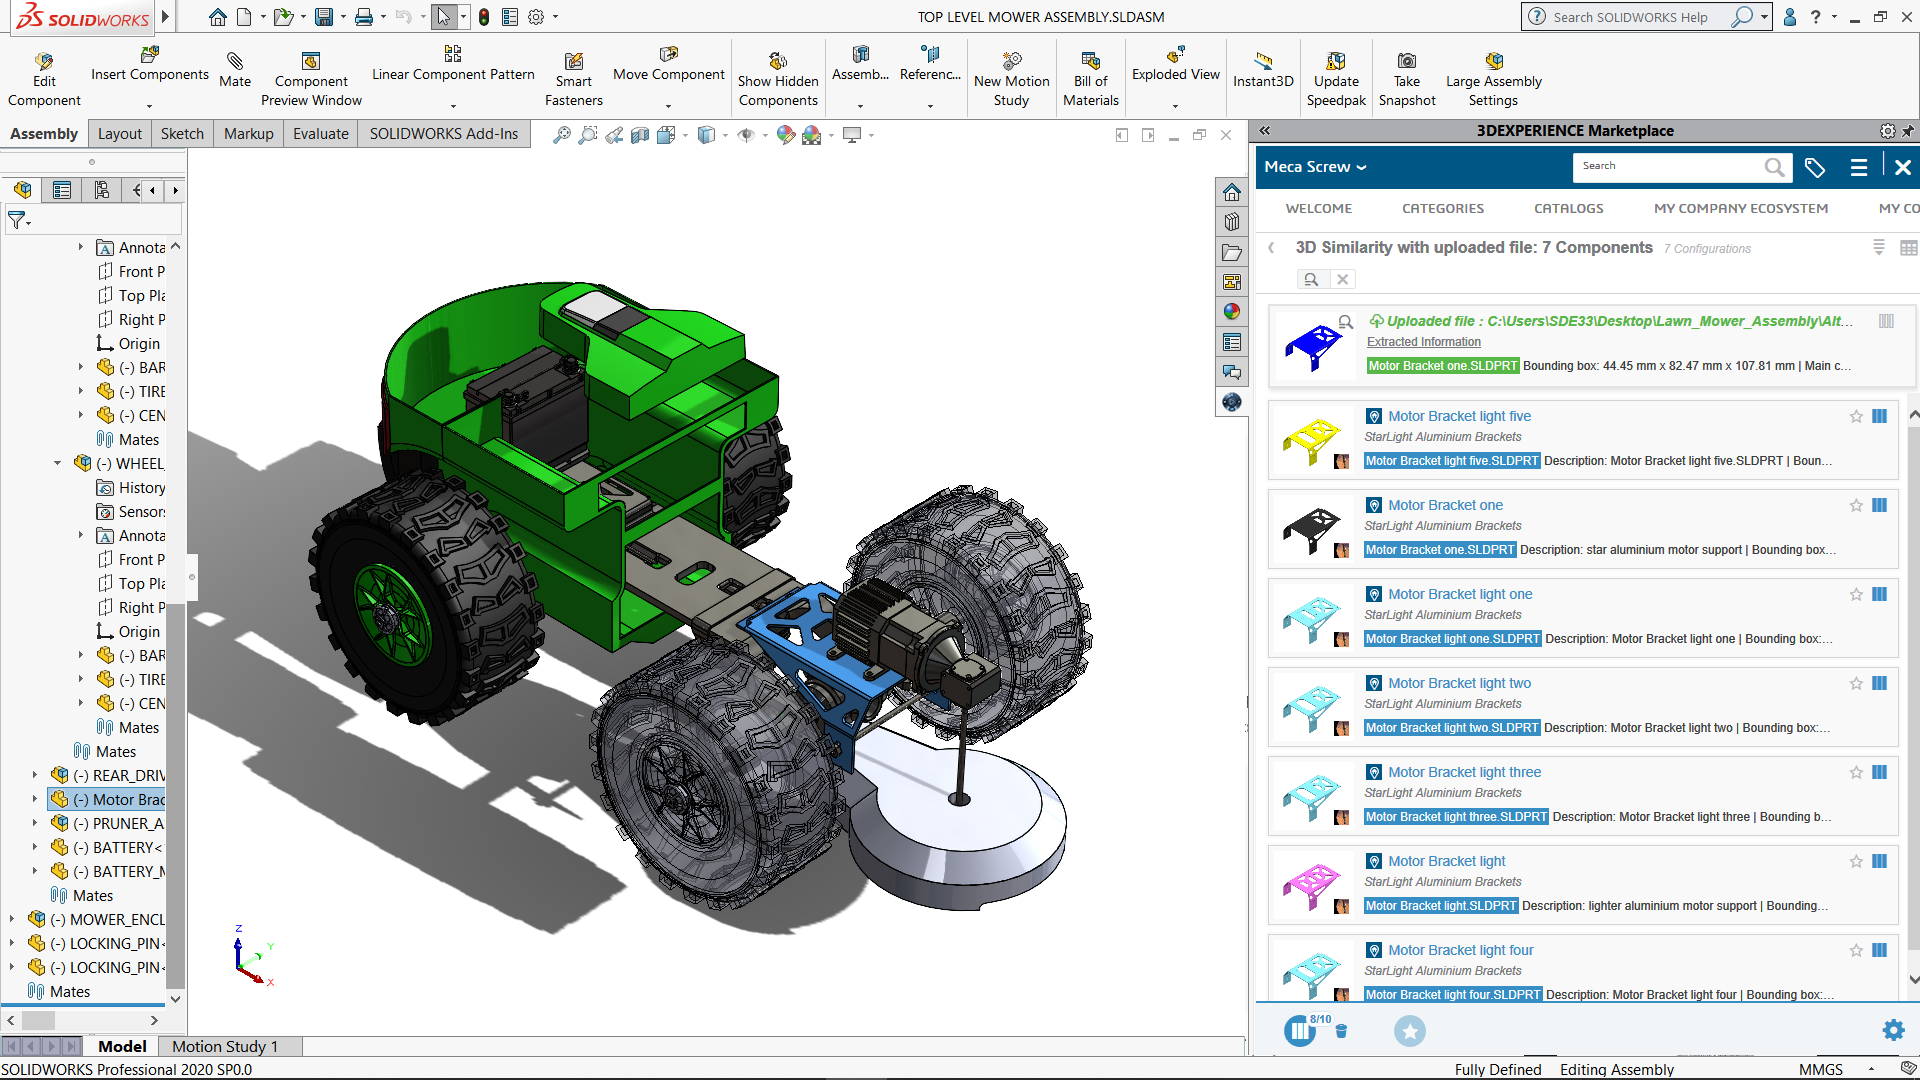 3DEXPERIENCE Marketplace PartSupply: Autobauteil in der Konstruktion mit Motorkomponente